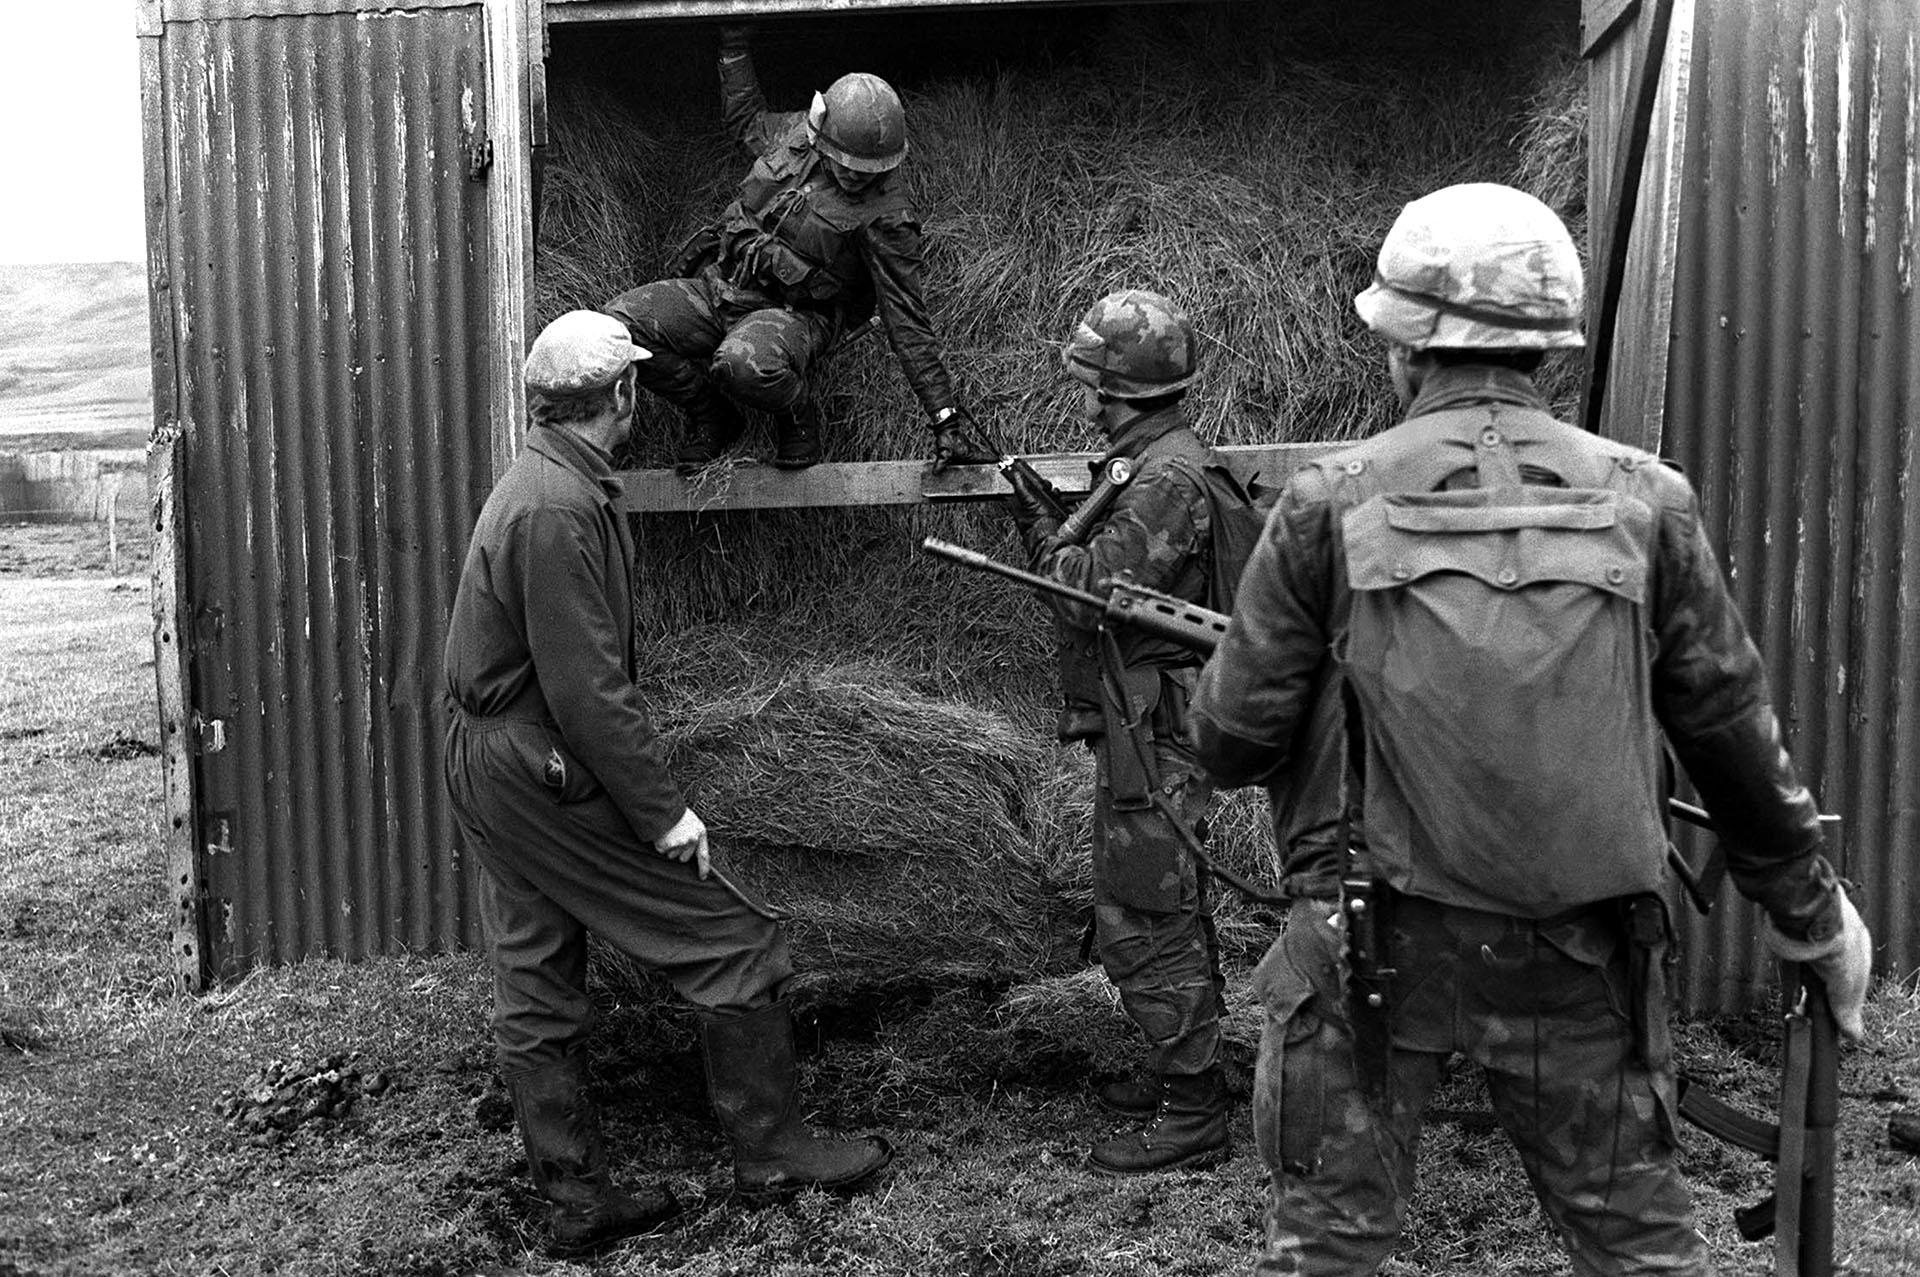 Un lugareño ayuda a soldados argentinos a revisar un contenedor en su establecimiento. Sólo contiene pasto y forraje para sus ovejas (Telam).